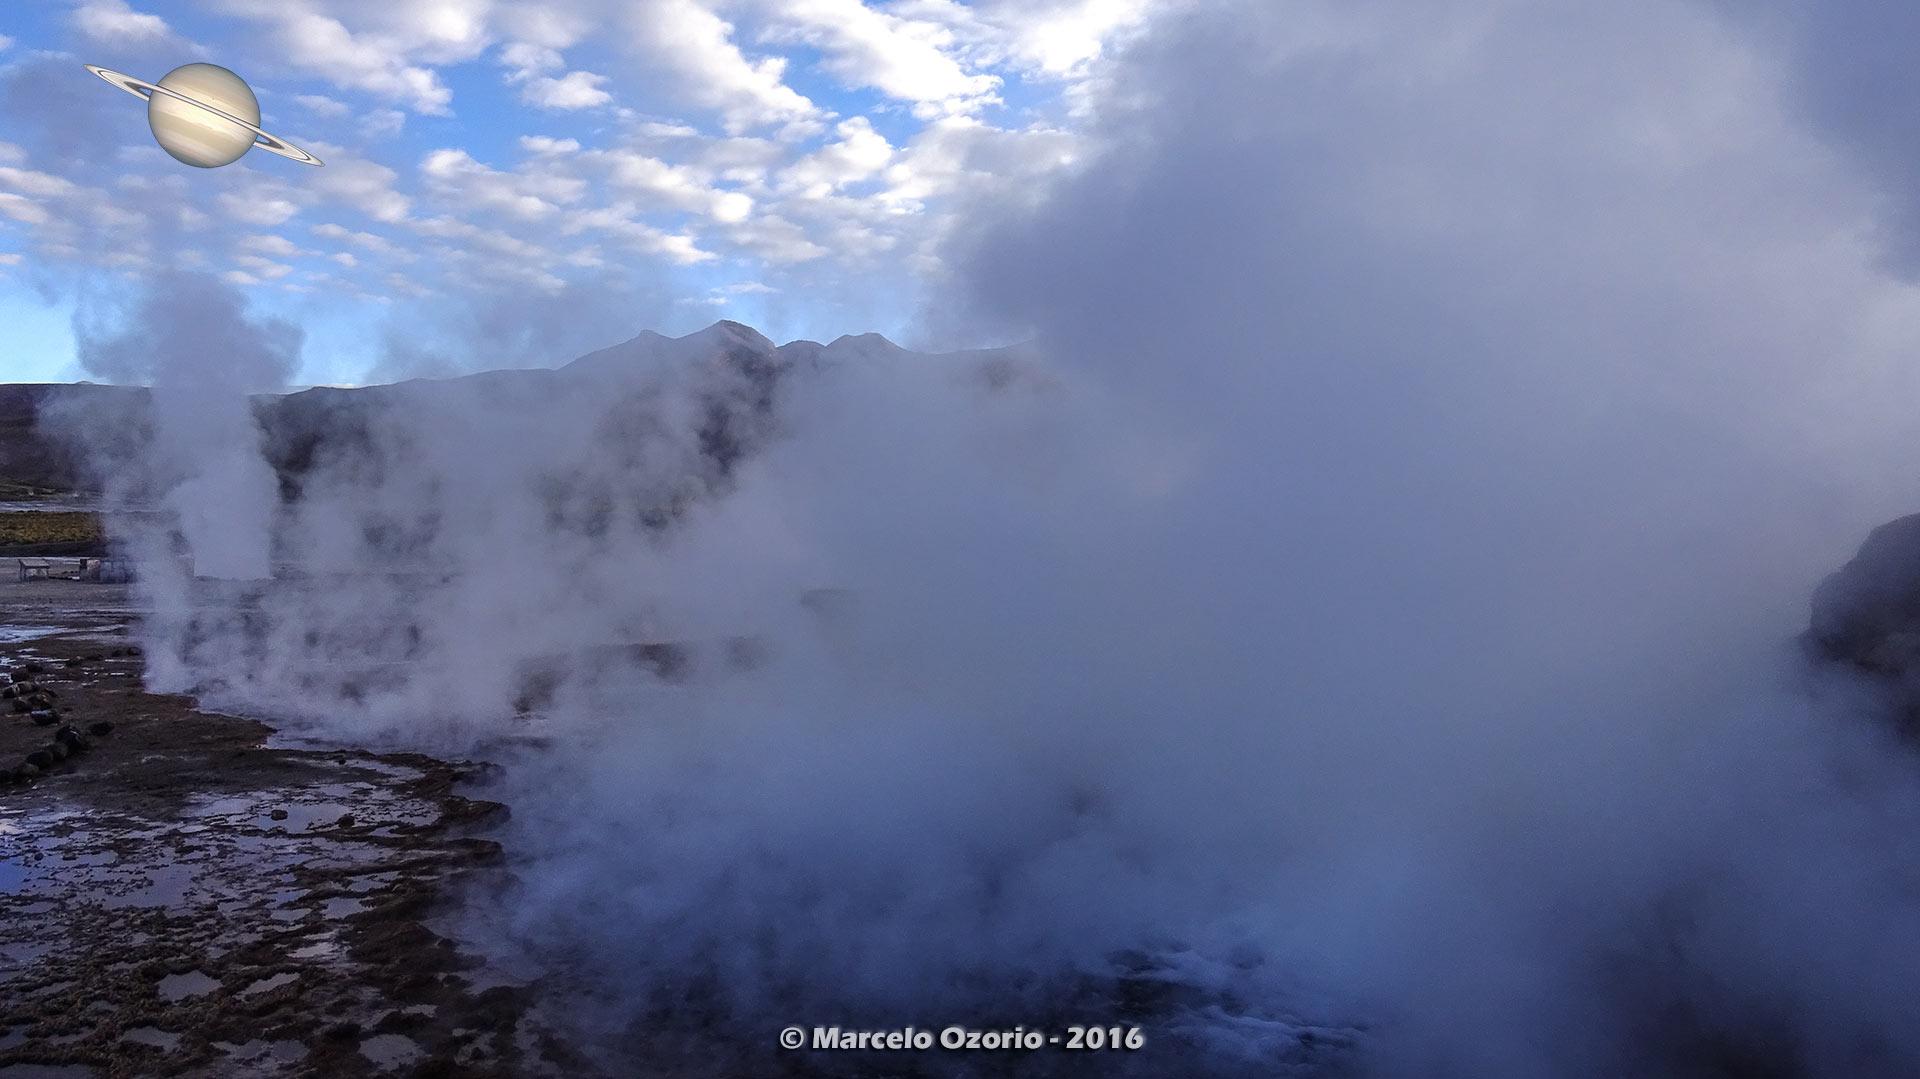 el tatio geysers atacama desert 6 - The Surreal El Tatio Geysers - Atacama Desert - Chile